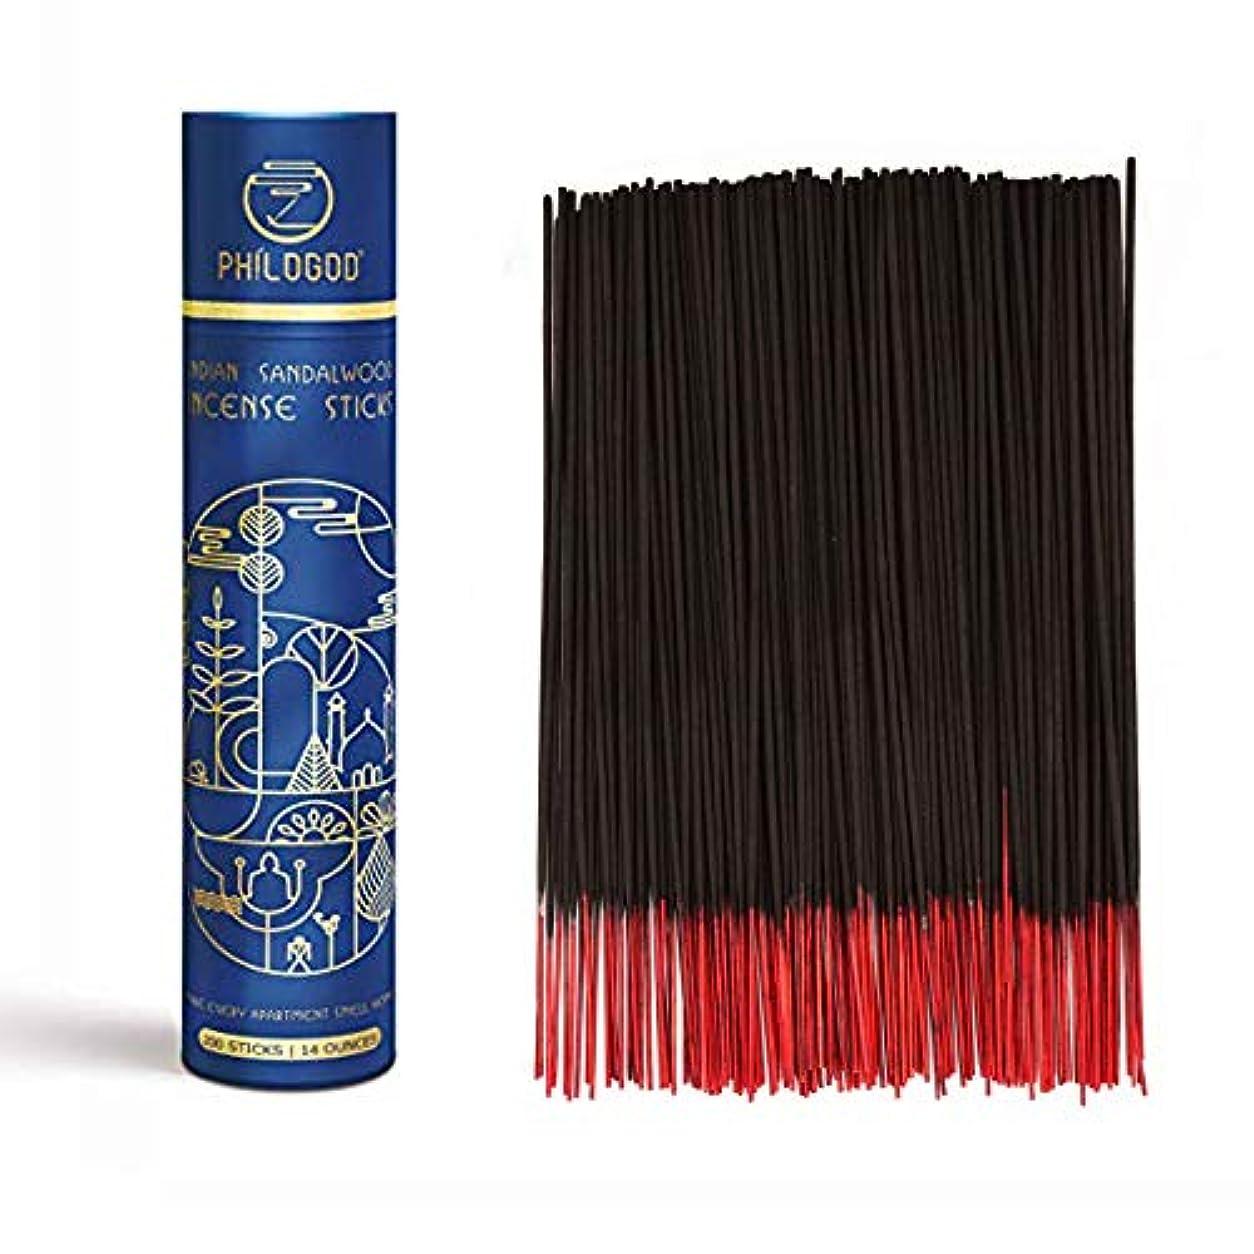 レーダーパークバレーボール上質なインドお香スティック 手作り 100%ナチュラル 長続く線香 ヨガ瞑想 200本入れ (オリエンタル系)